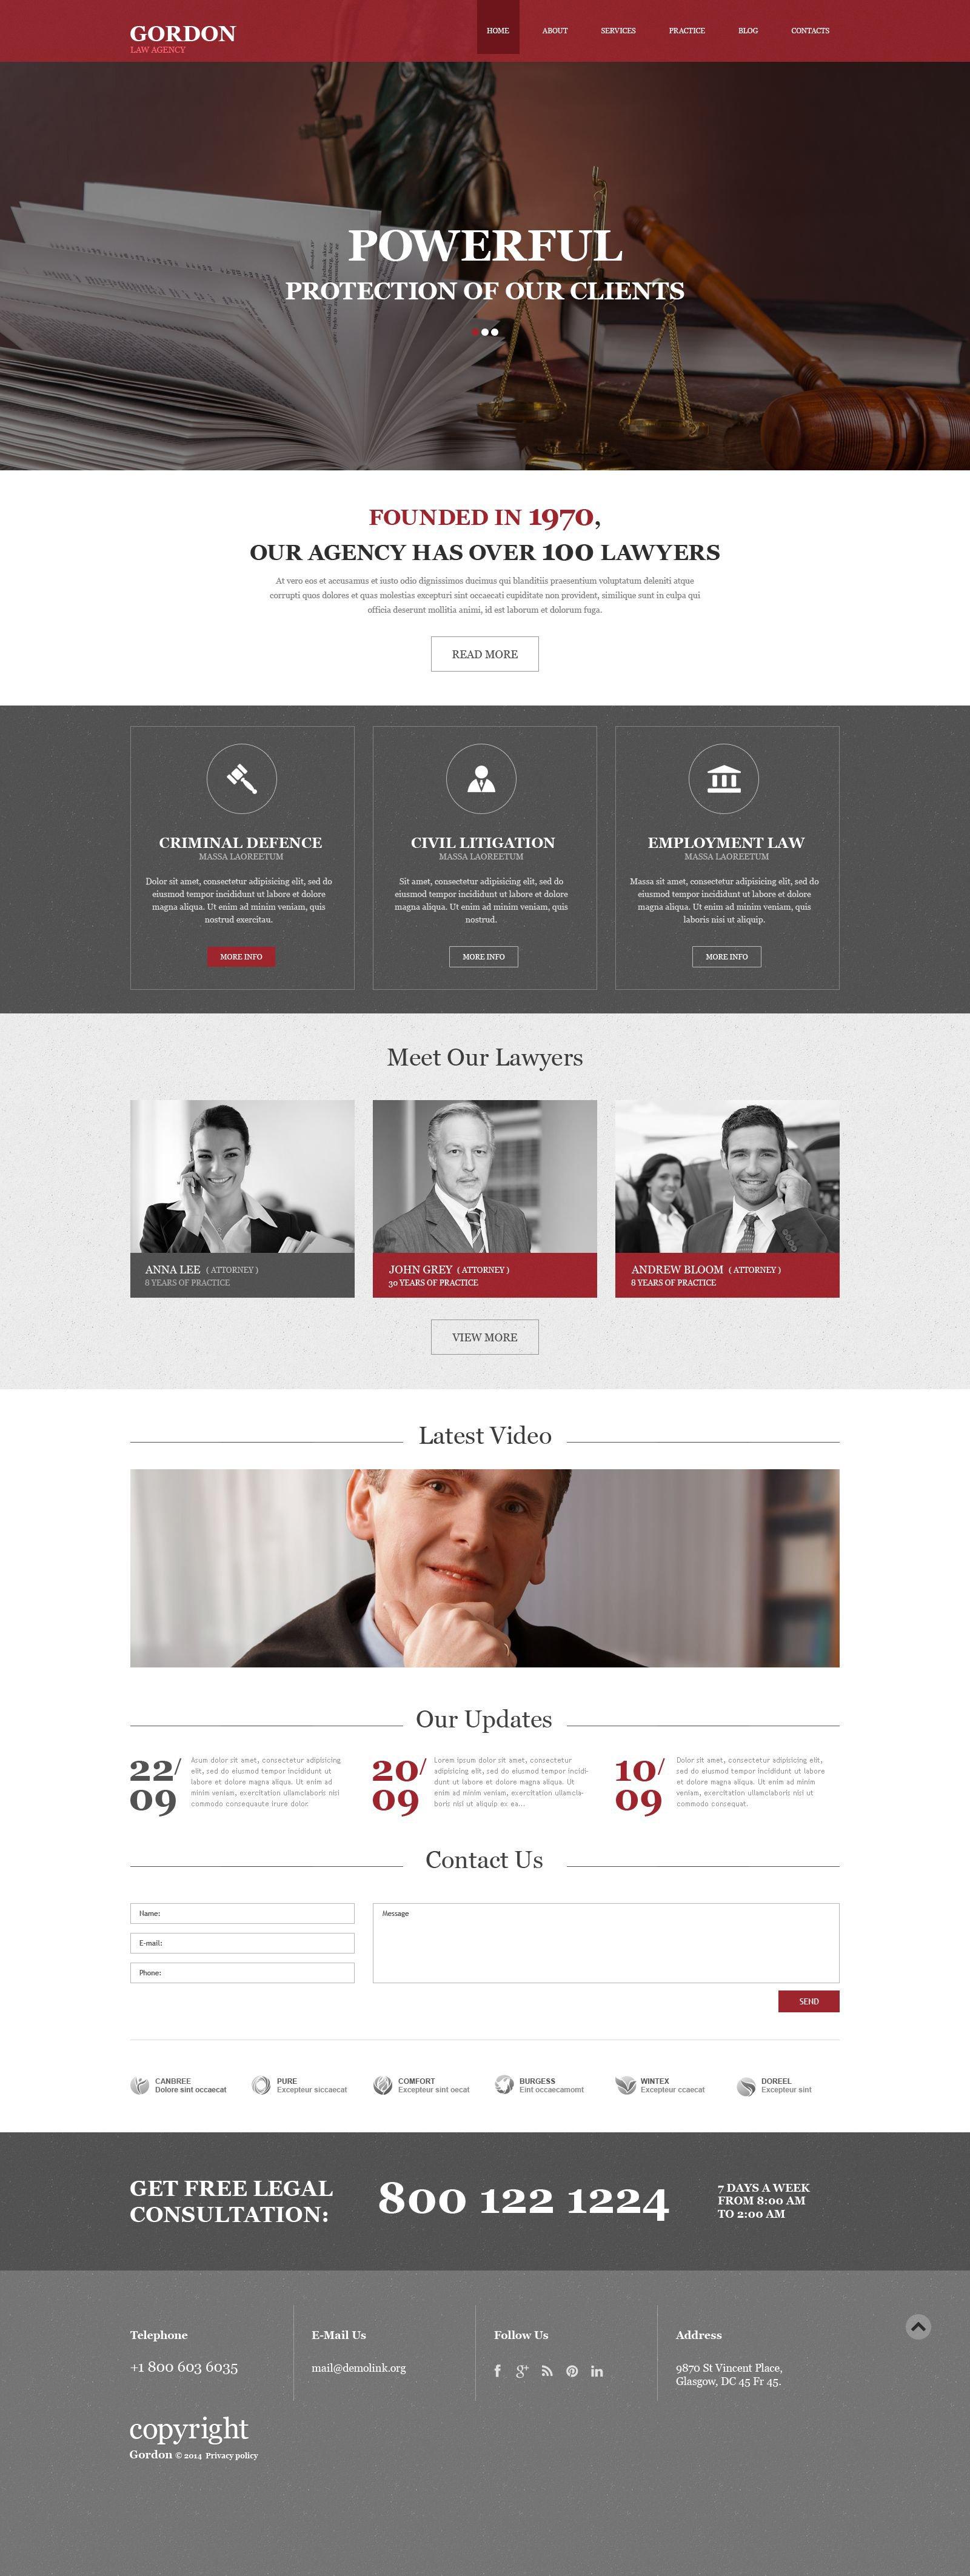 Muse шаблон №52048 на тему юридическая фирма - скриншот